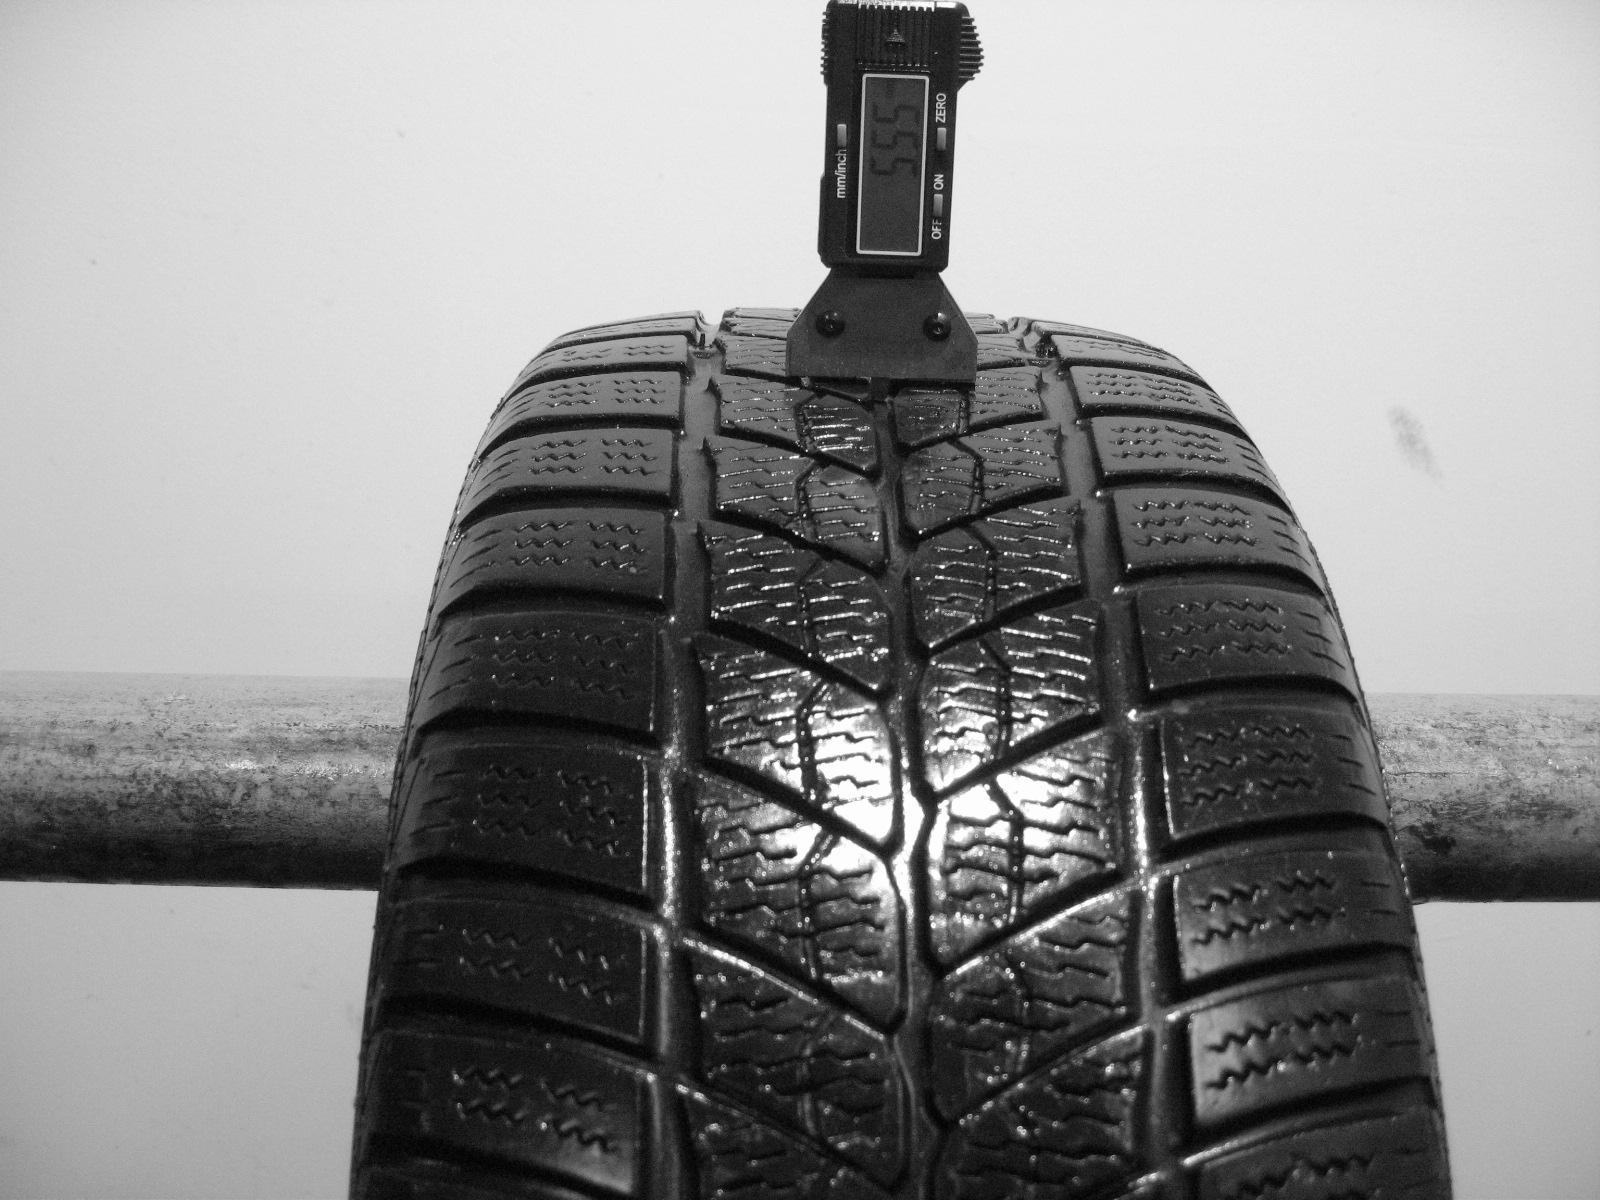 Použité-Pneu-Bazar - 195/55 R15 BARUM POLARIS 2-kusovka-rezerva 3mm